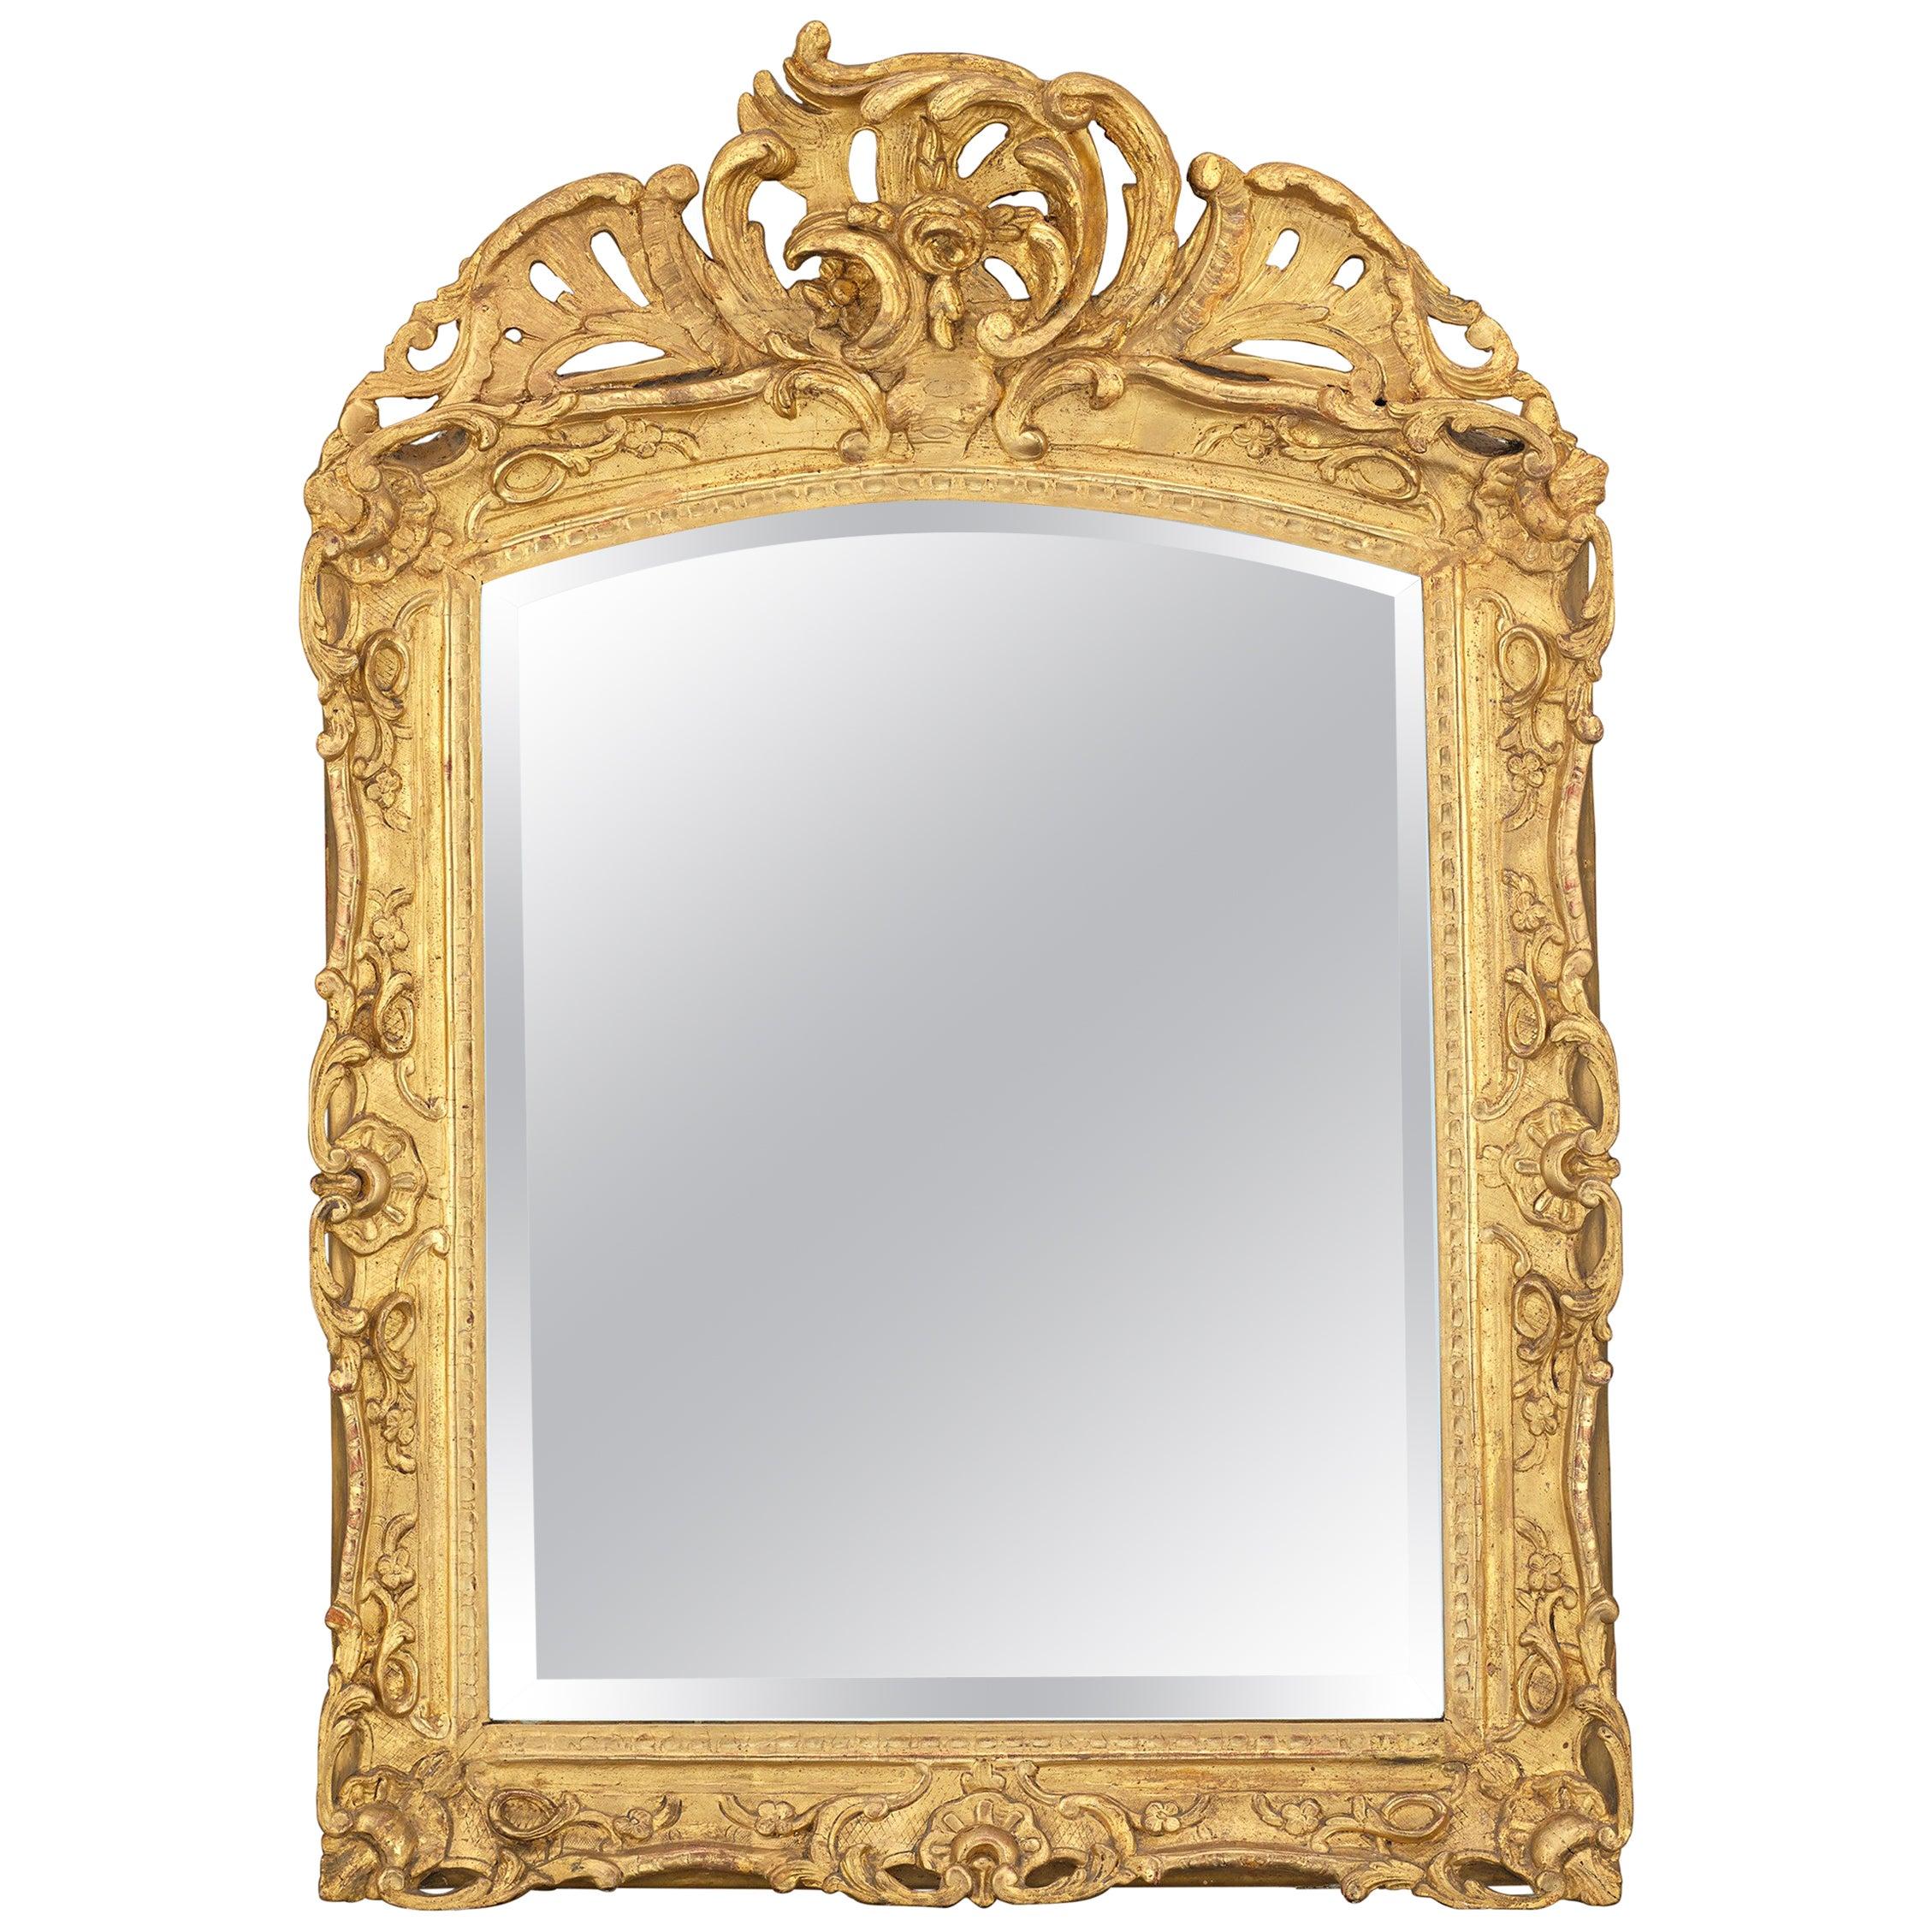 Louis XV Period Gilt Mirror